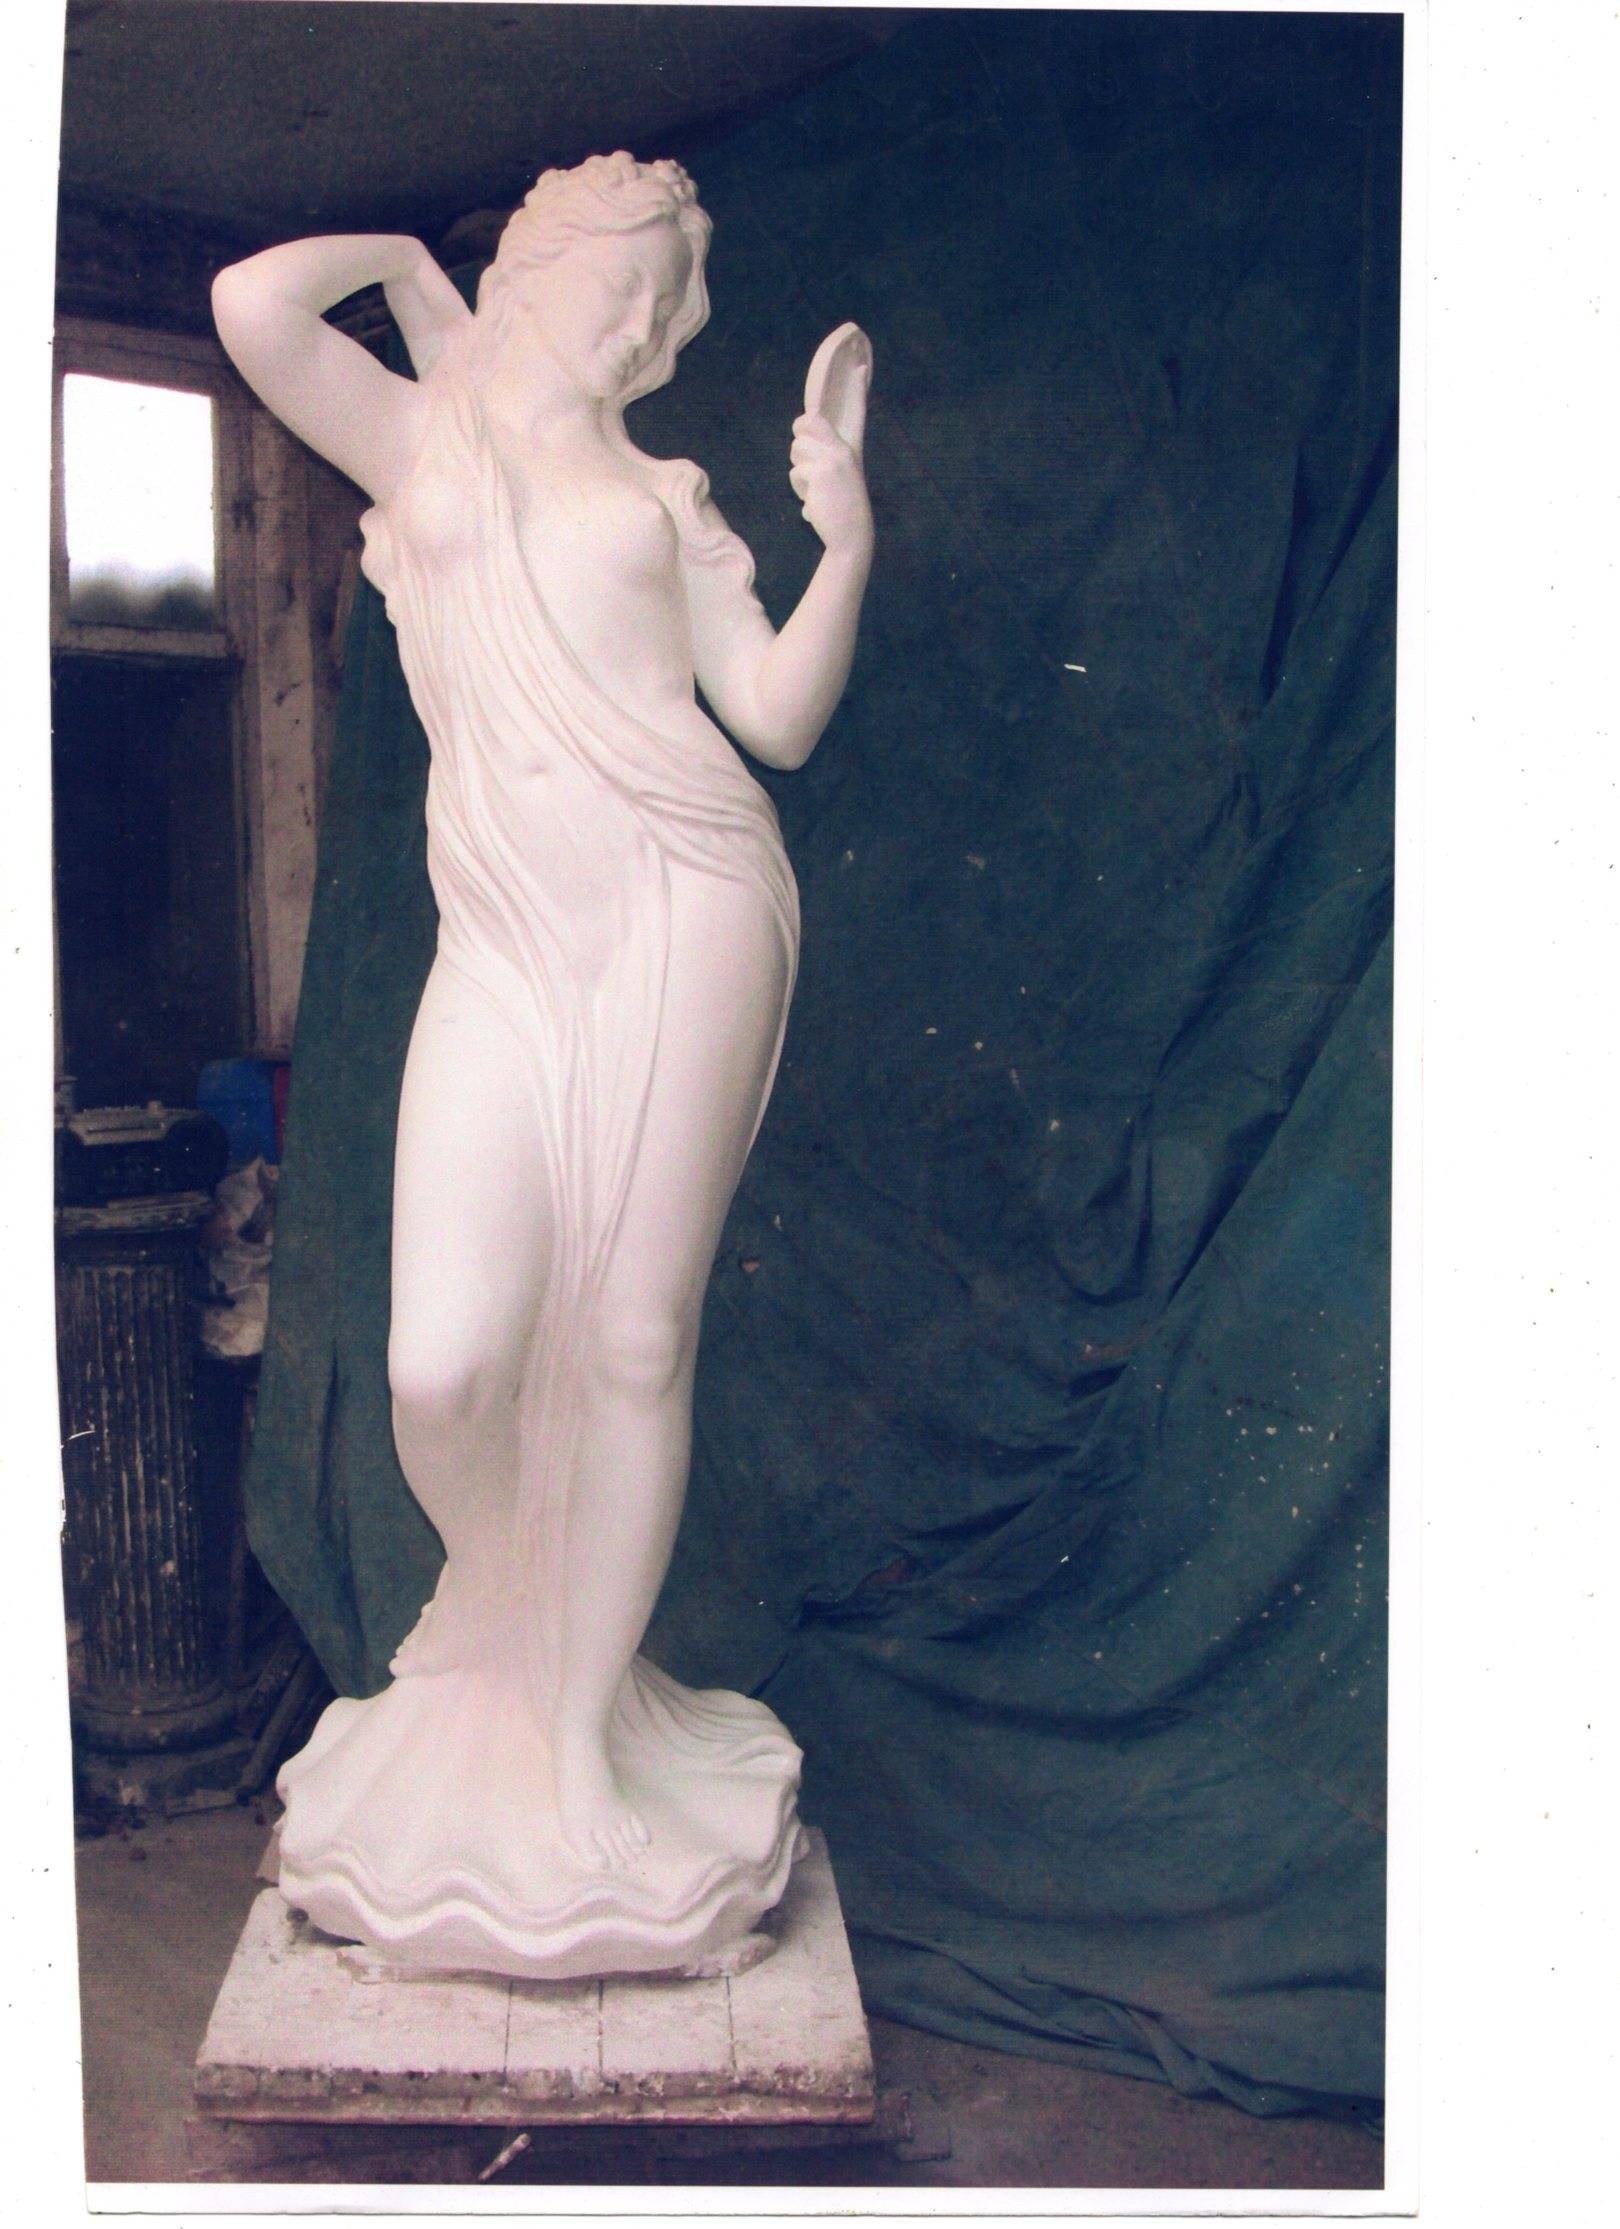 Афродита.Скульптурное сходство.Лицо ваялось по предоставленным фото. Т. +7 978 872 76 55.